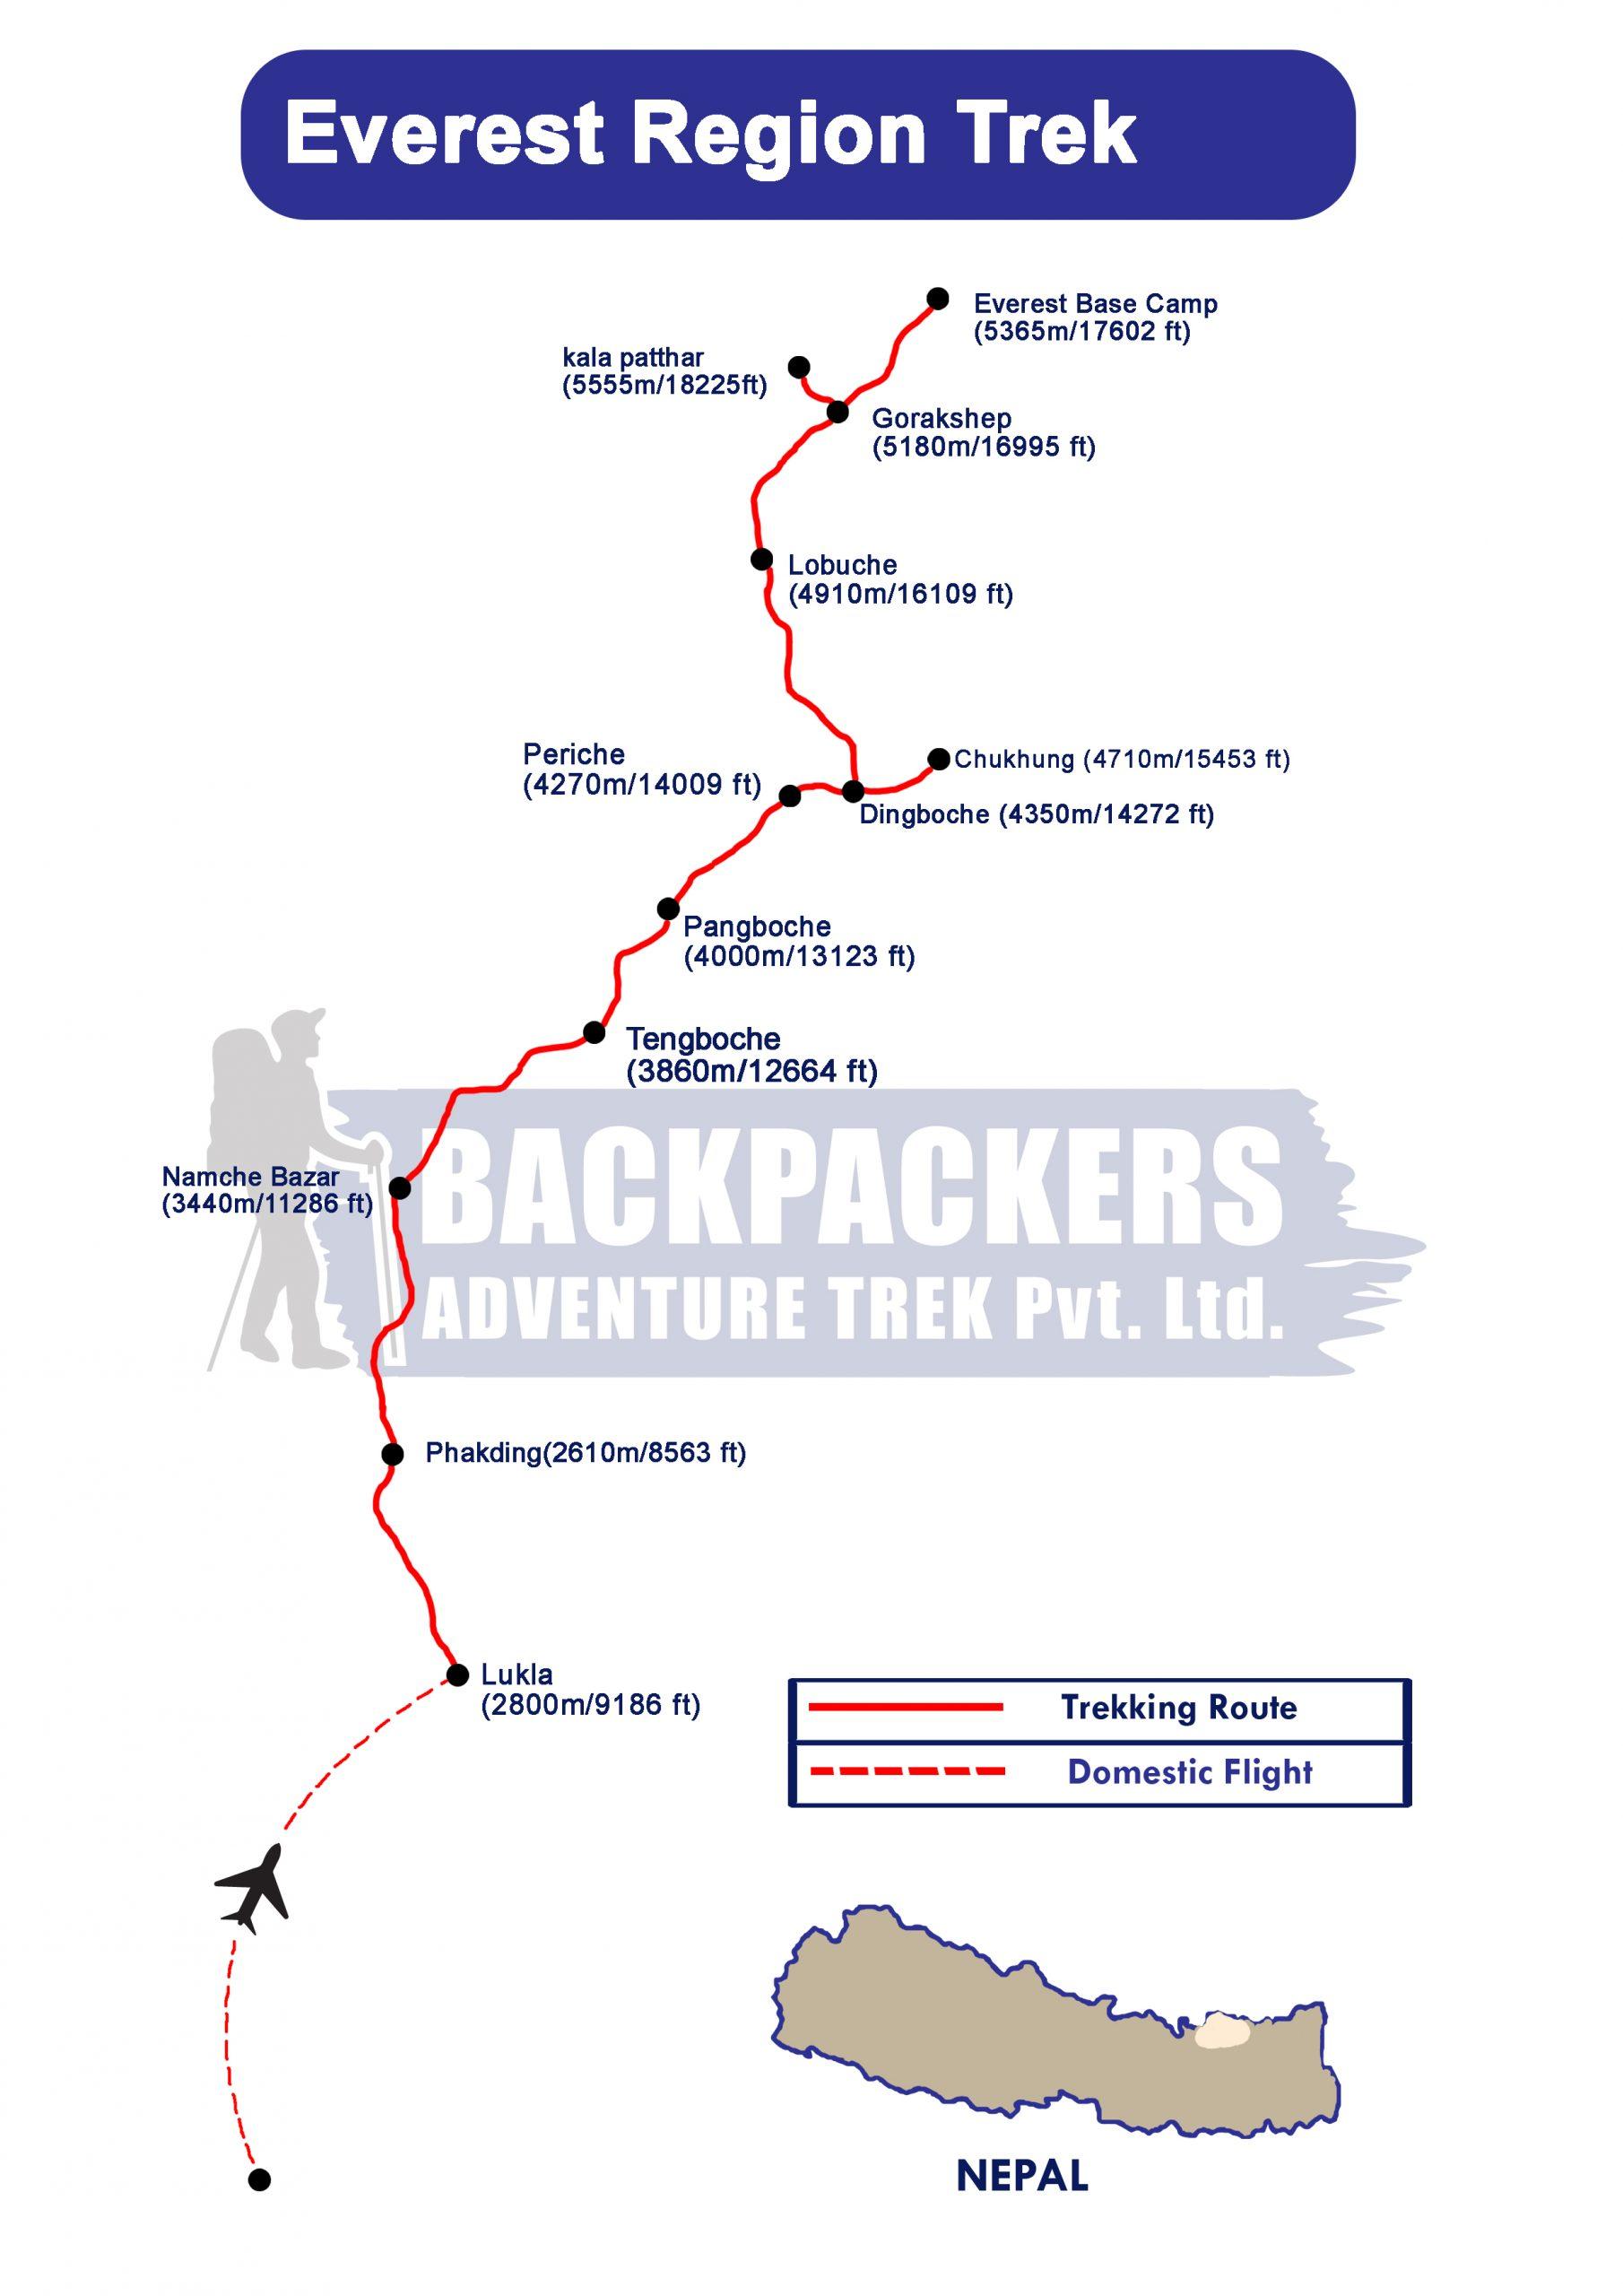 https://backpackersadventuretrek.com/wp-content/uploads/2020/04/j-scaled.jpg